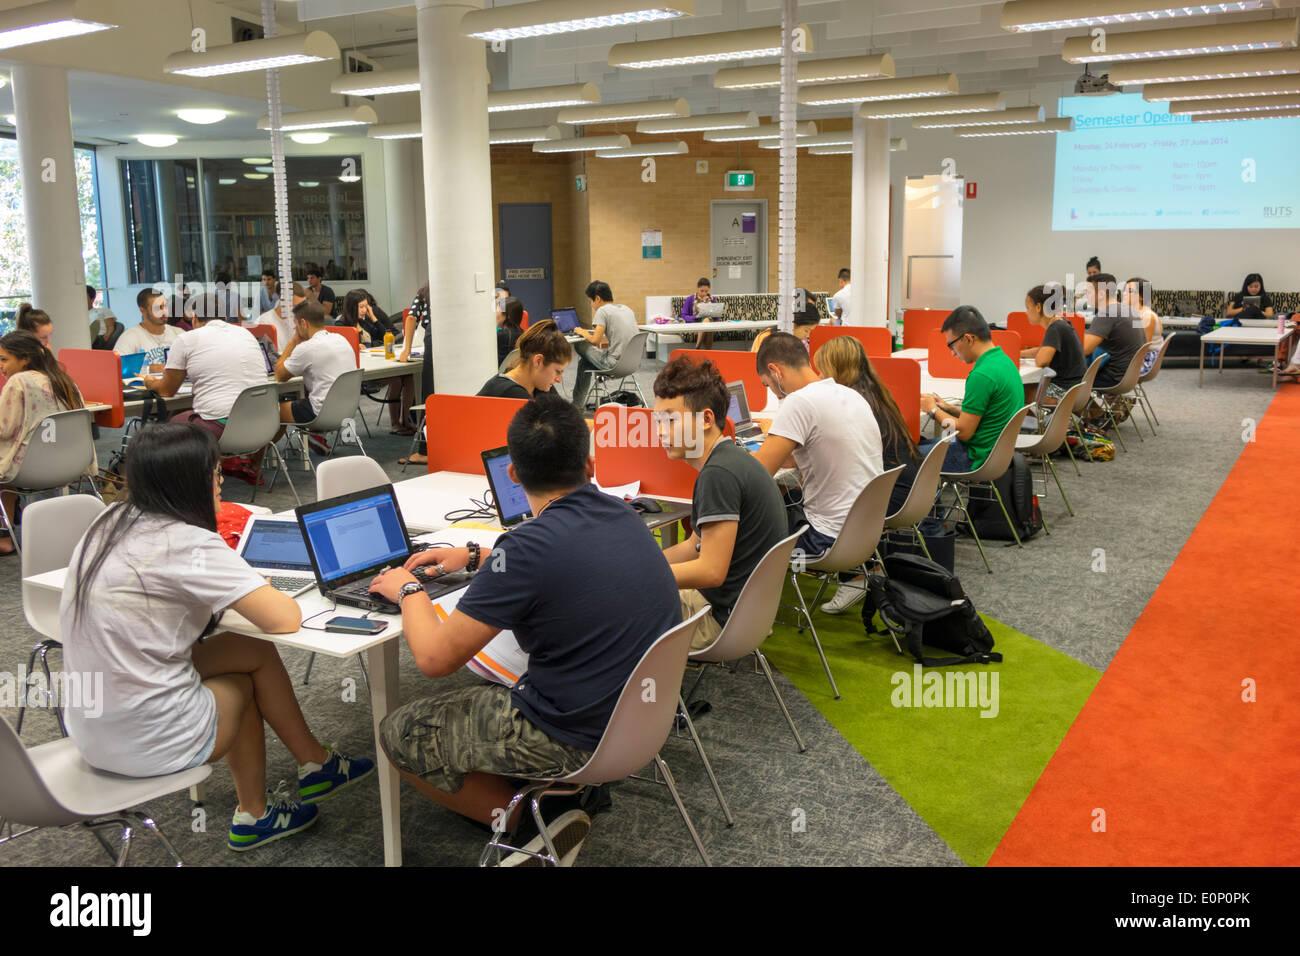 Sydney NSW Australie Nouvelle Galles du Sud UTS University of Technology Sydney campus Bibliothèque école éducation Haymarket stations informatiques étude étudiant laboratoire Photo Stock